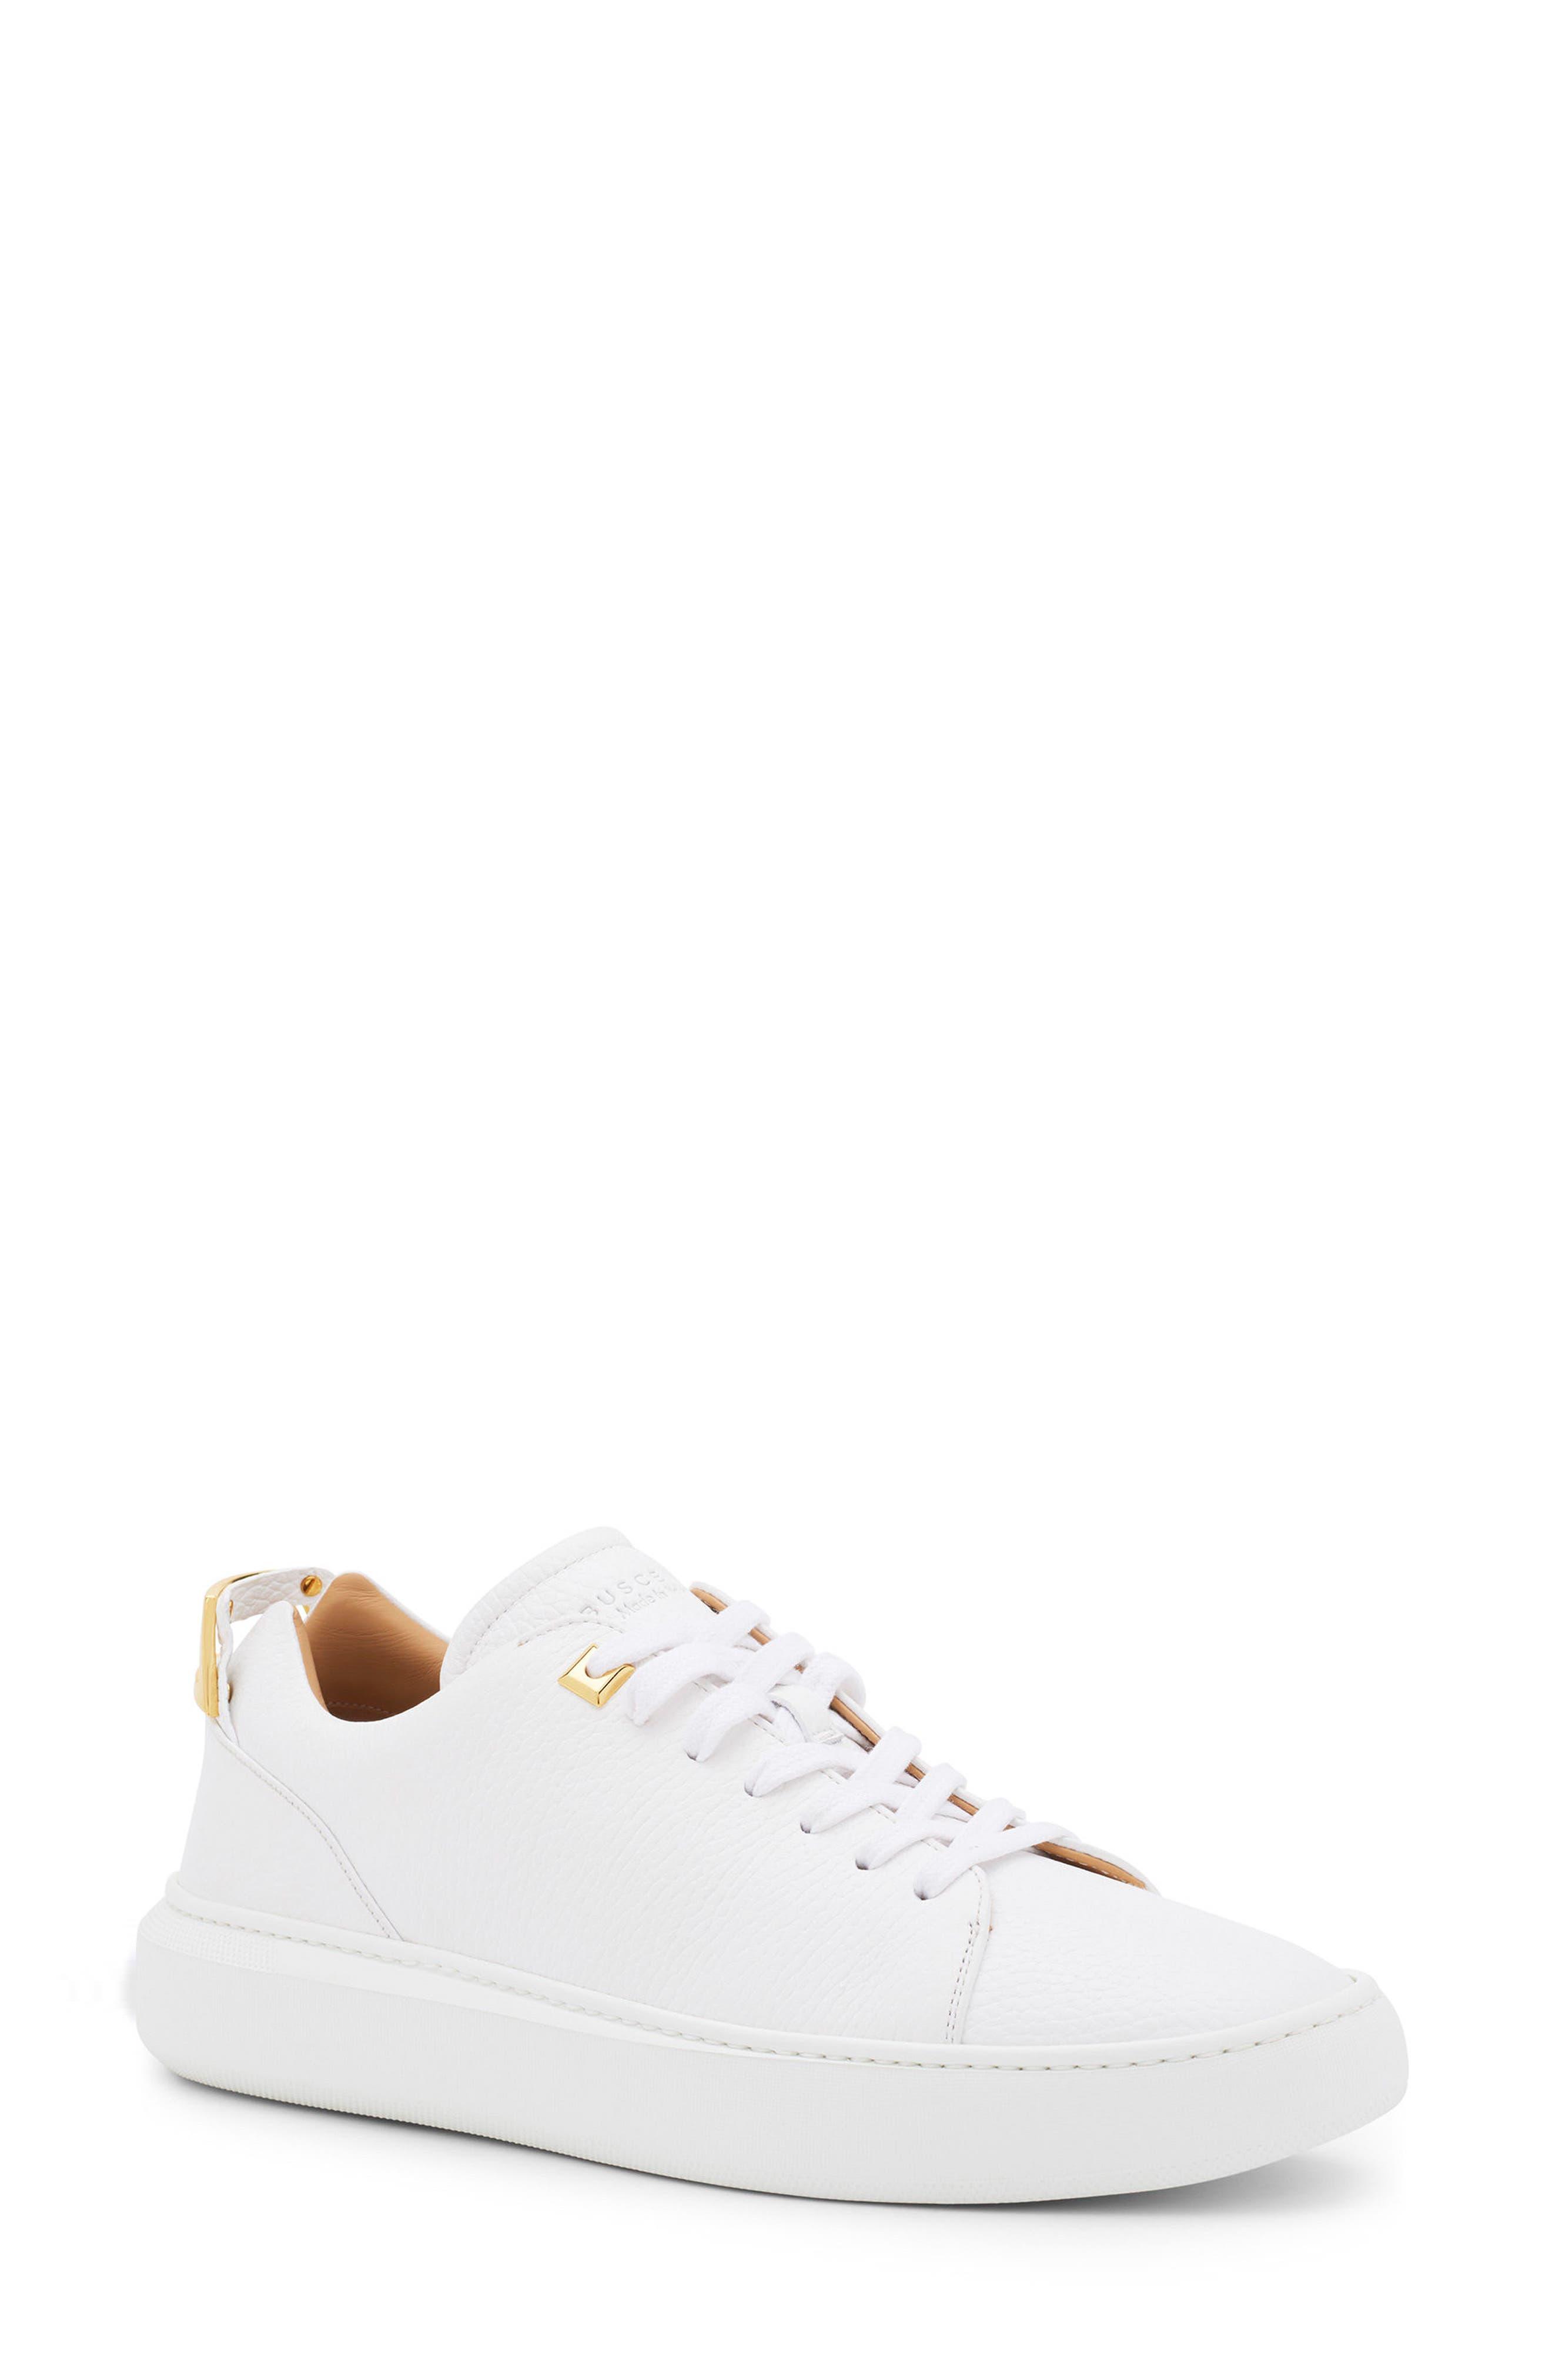 Uno Low Top Sneaker,                         Main,                         color, 100